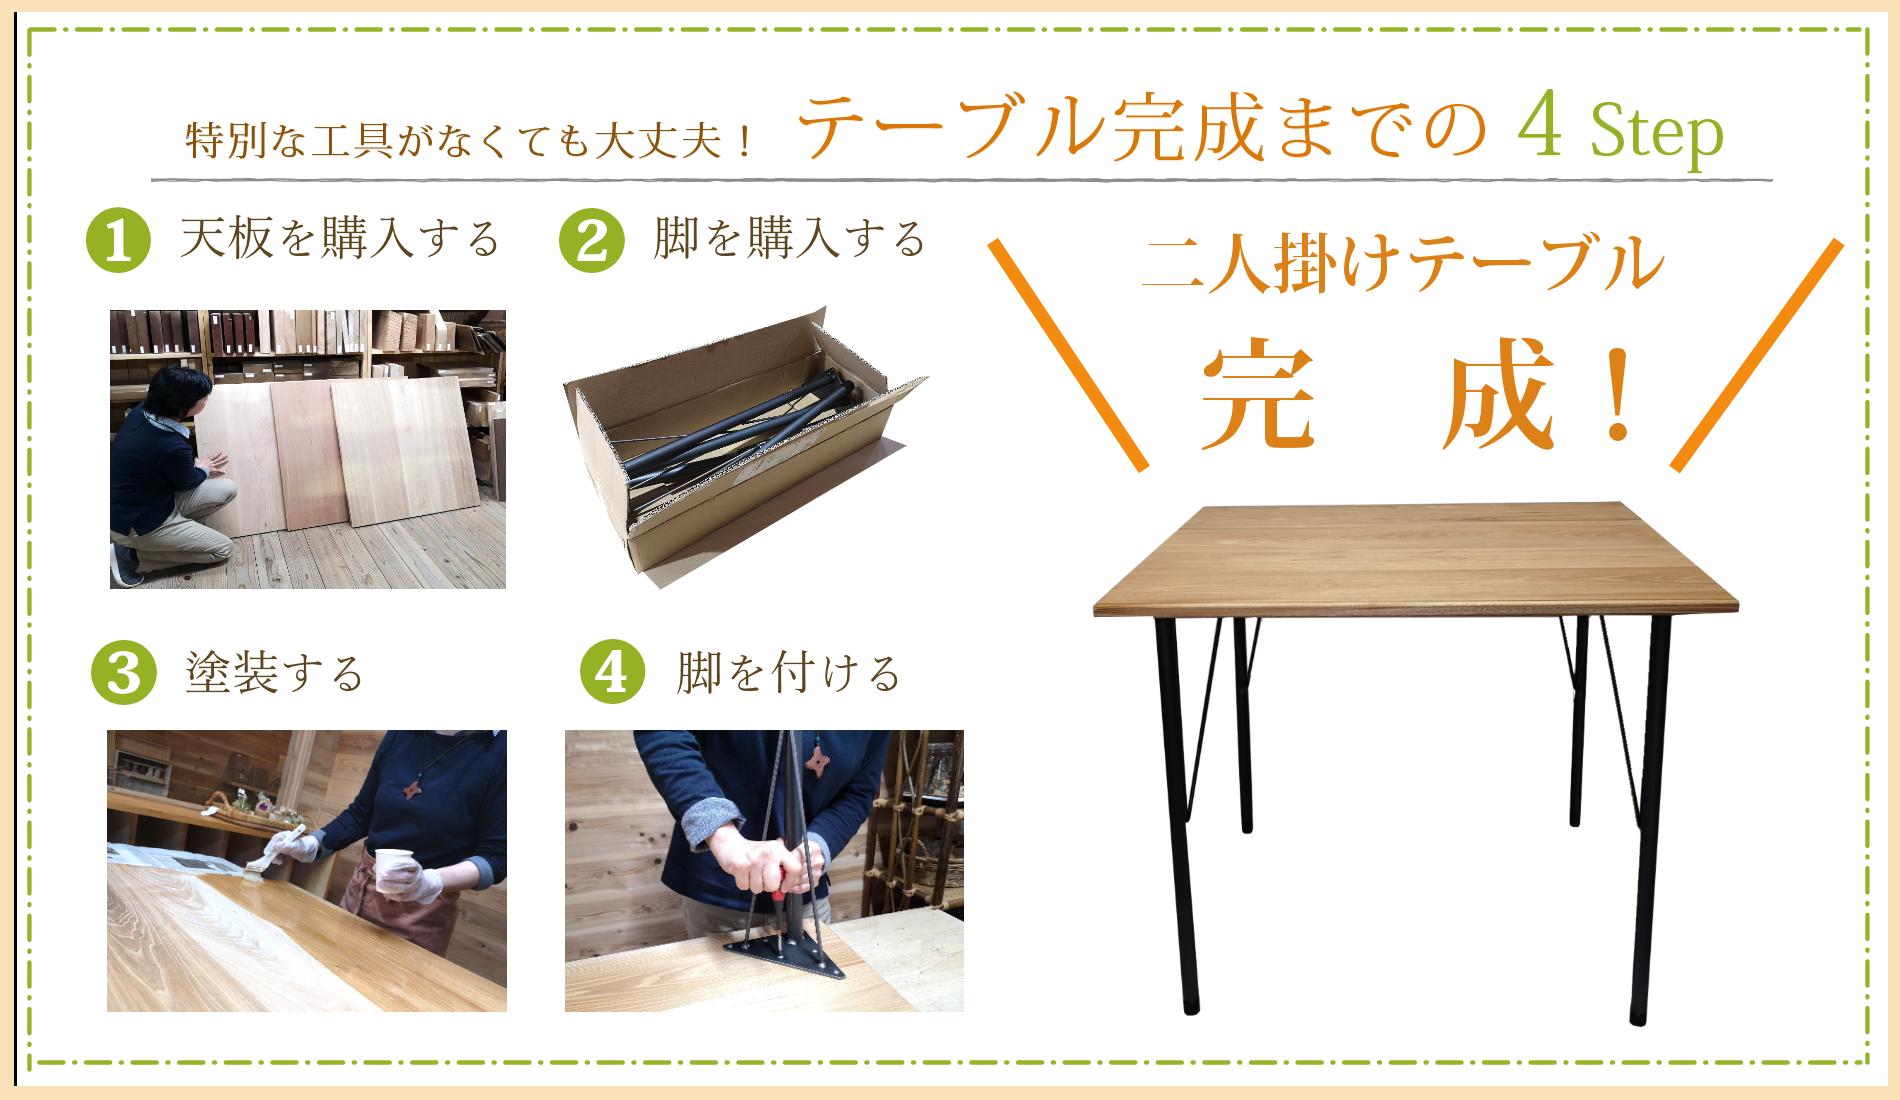 テーブル作成4Step